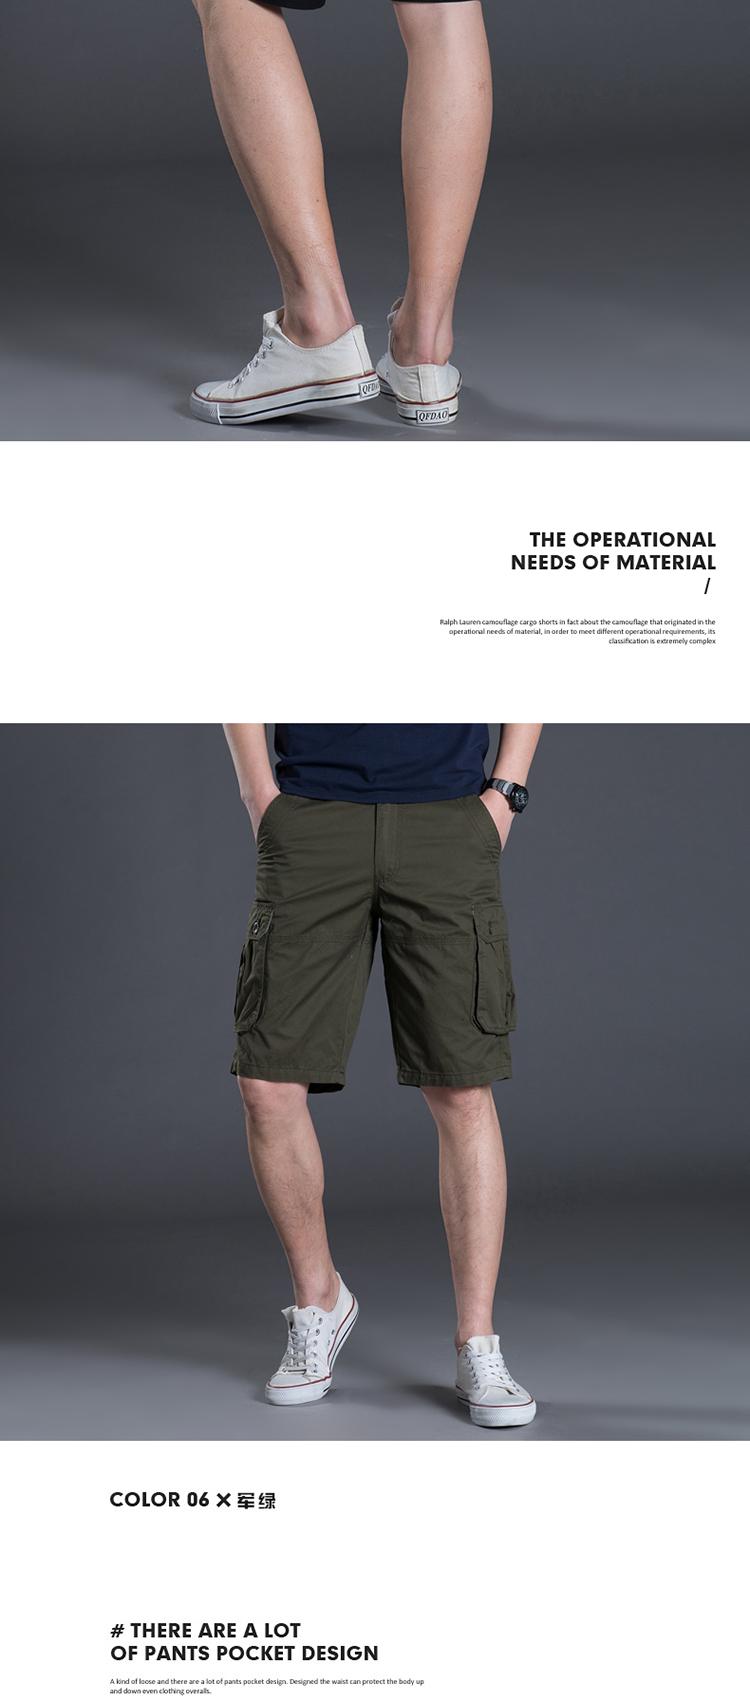 Mùa hè quần short nam năm quần quần quần bãi biển ống túm yếm đa túi quần âu thanh niên 5 điểm quần short